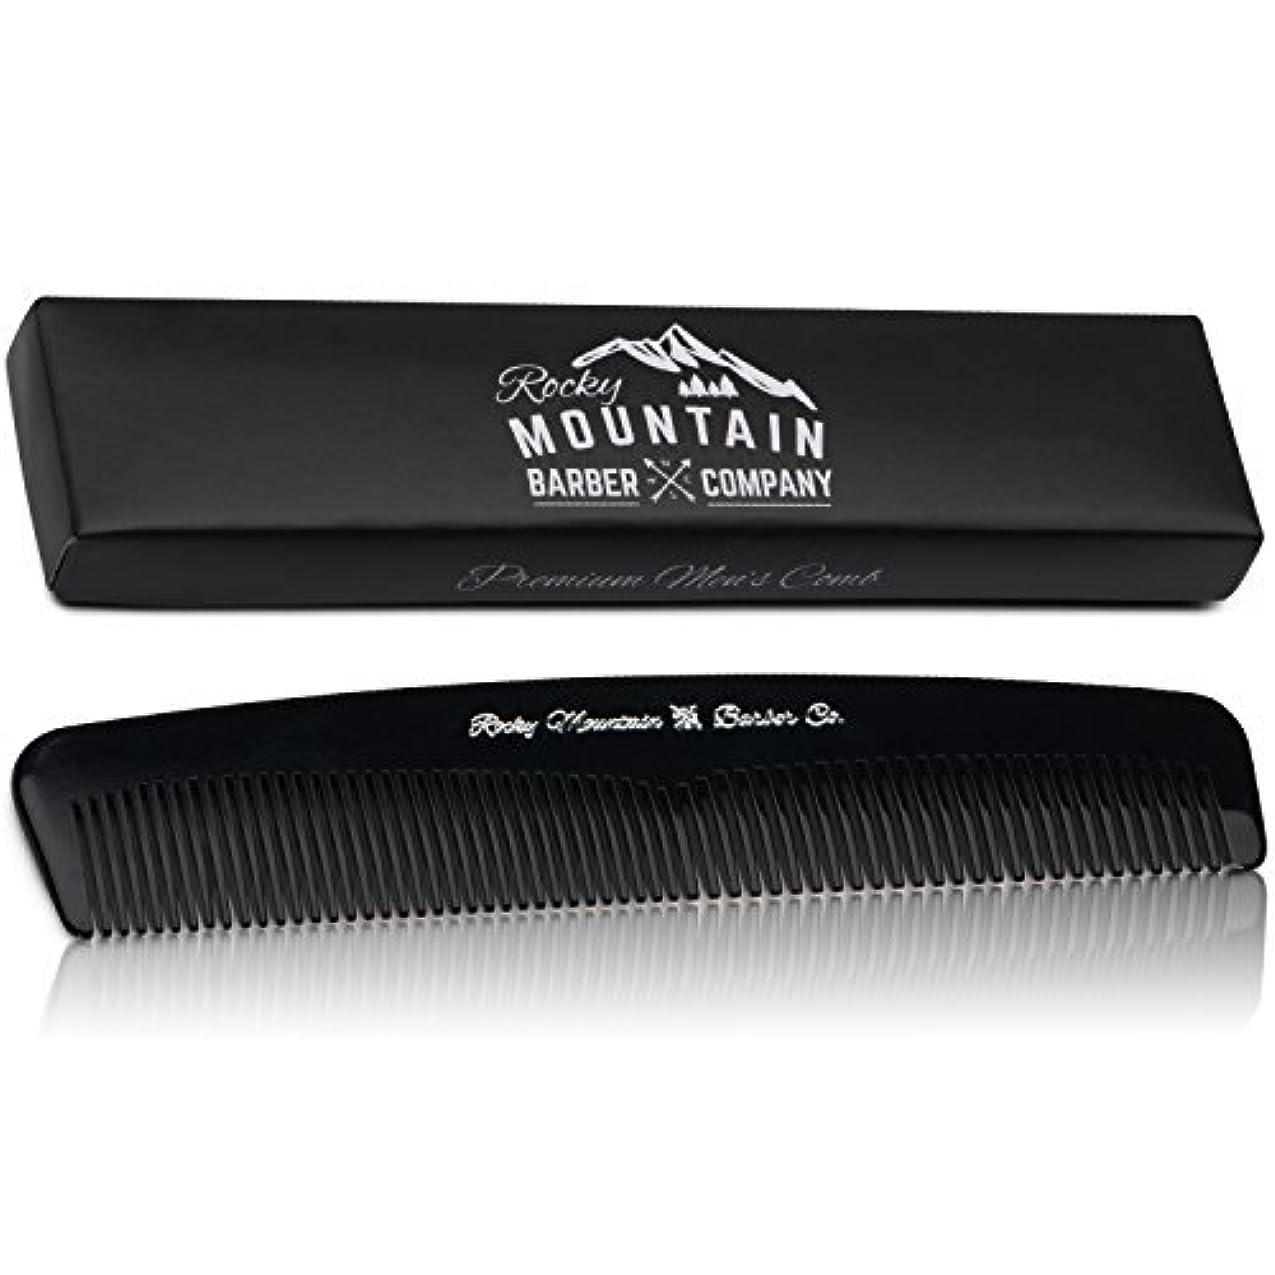 拾う授業料ずっとMen's Hair Comb ? Plastic Modern Fine and Medium Tooth Comb Handmade for Head Hair, Beard,  Mustache - No Snag, Barber Grade Performance in Gift Box by Rocky Mountain Barber Company [並行輸入品]